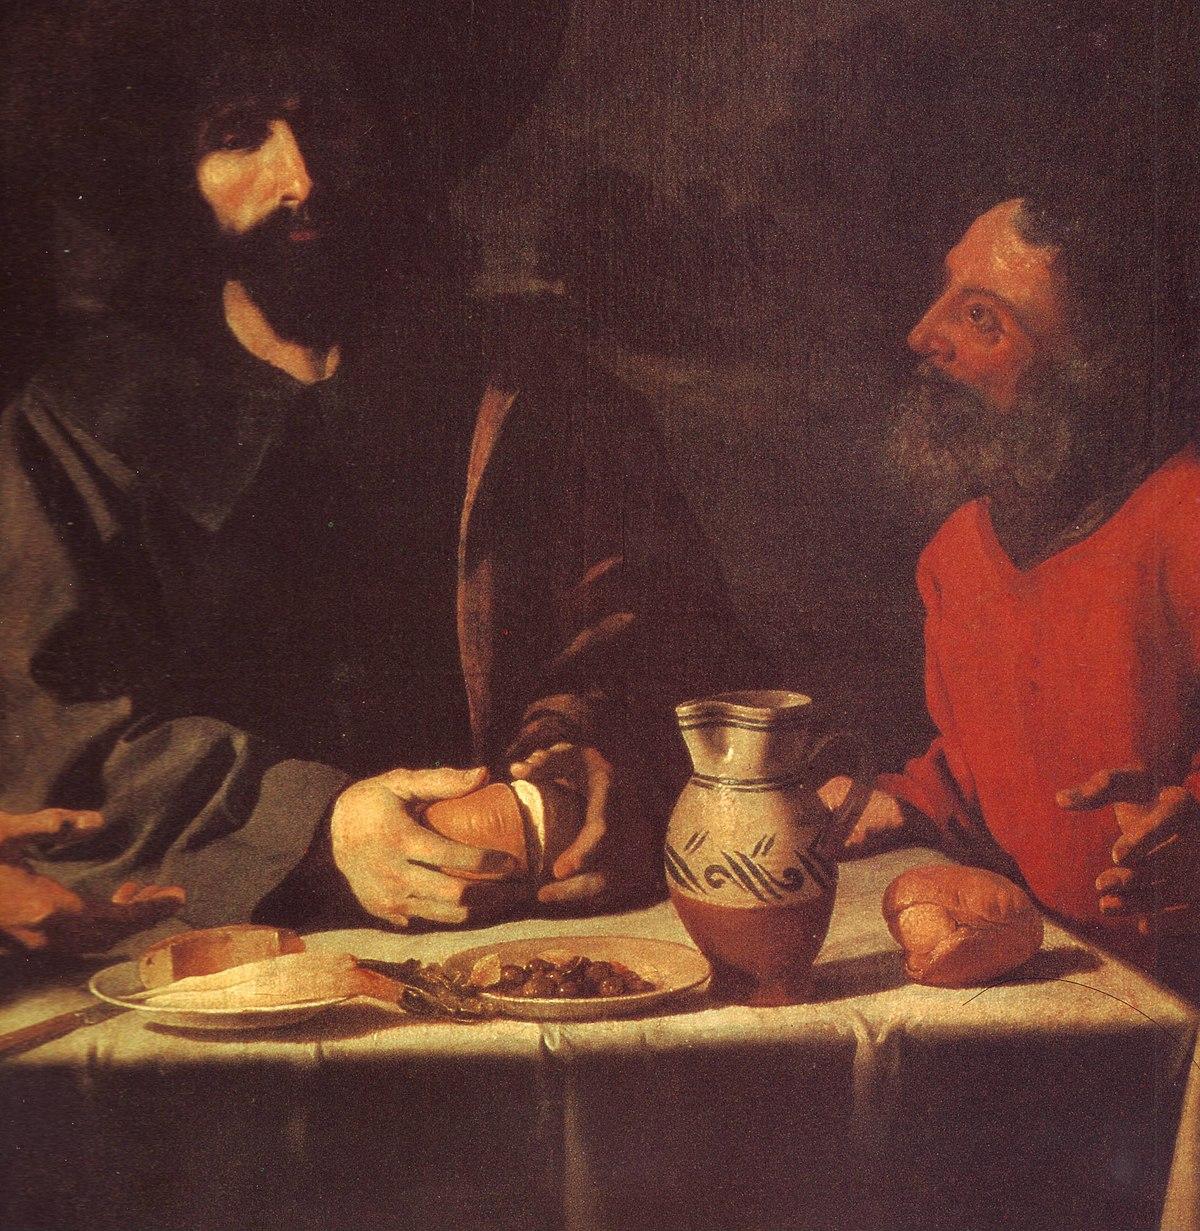 Francisco de Zurbarán La Cena de Emaús (excerpt) 1639.JPG